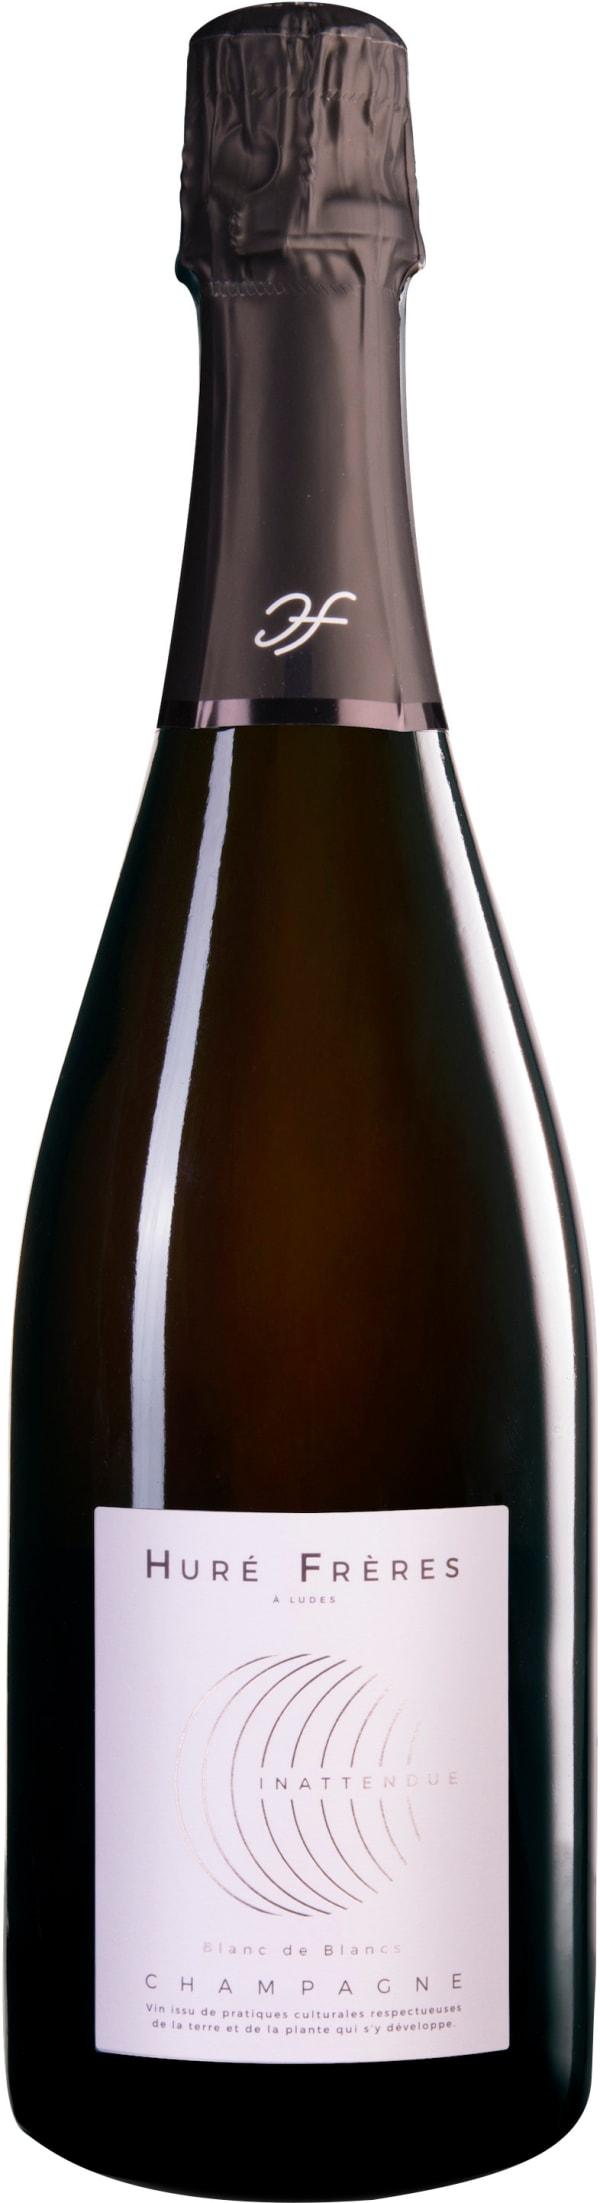 Huré Frères Inattendue Blanc de Blancs Champagne Extra Brut 2013